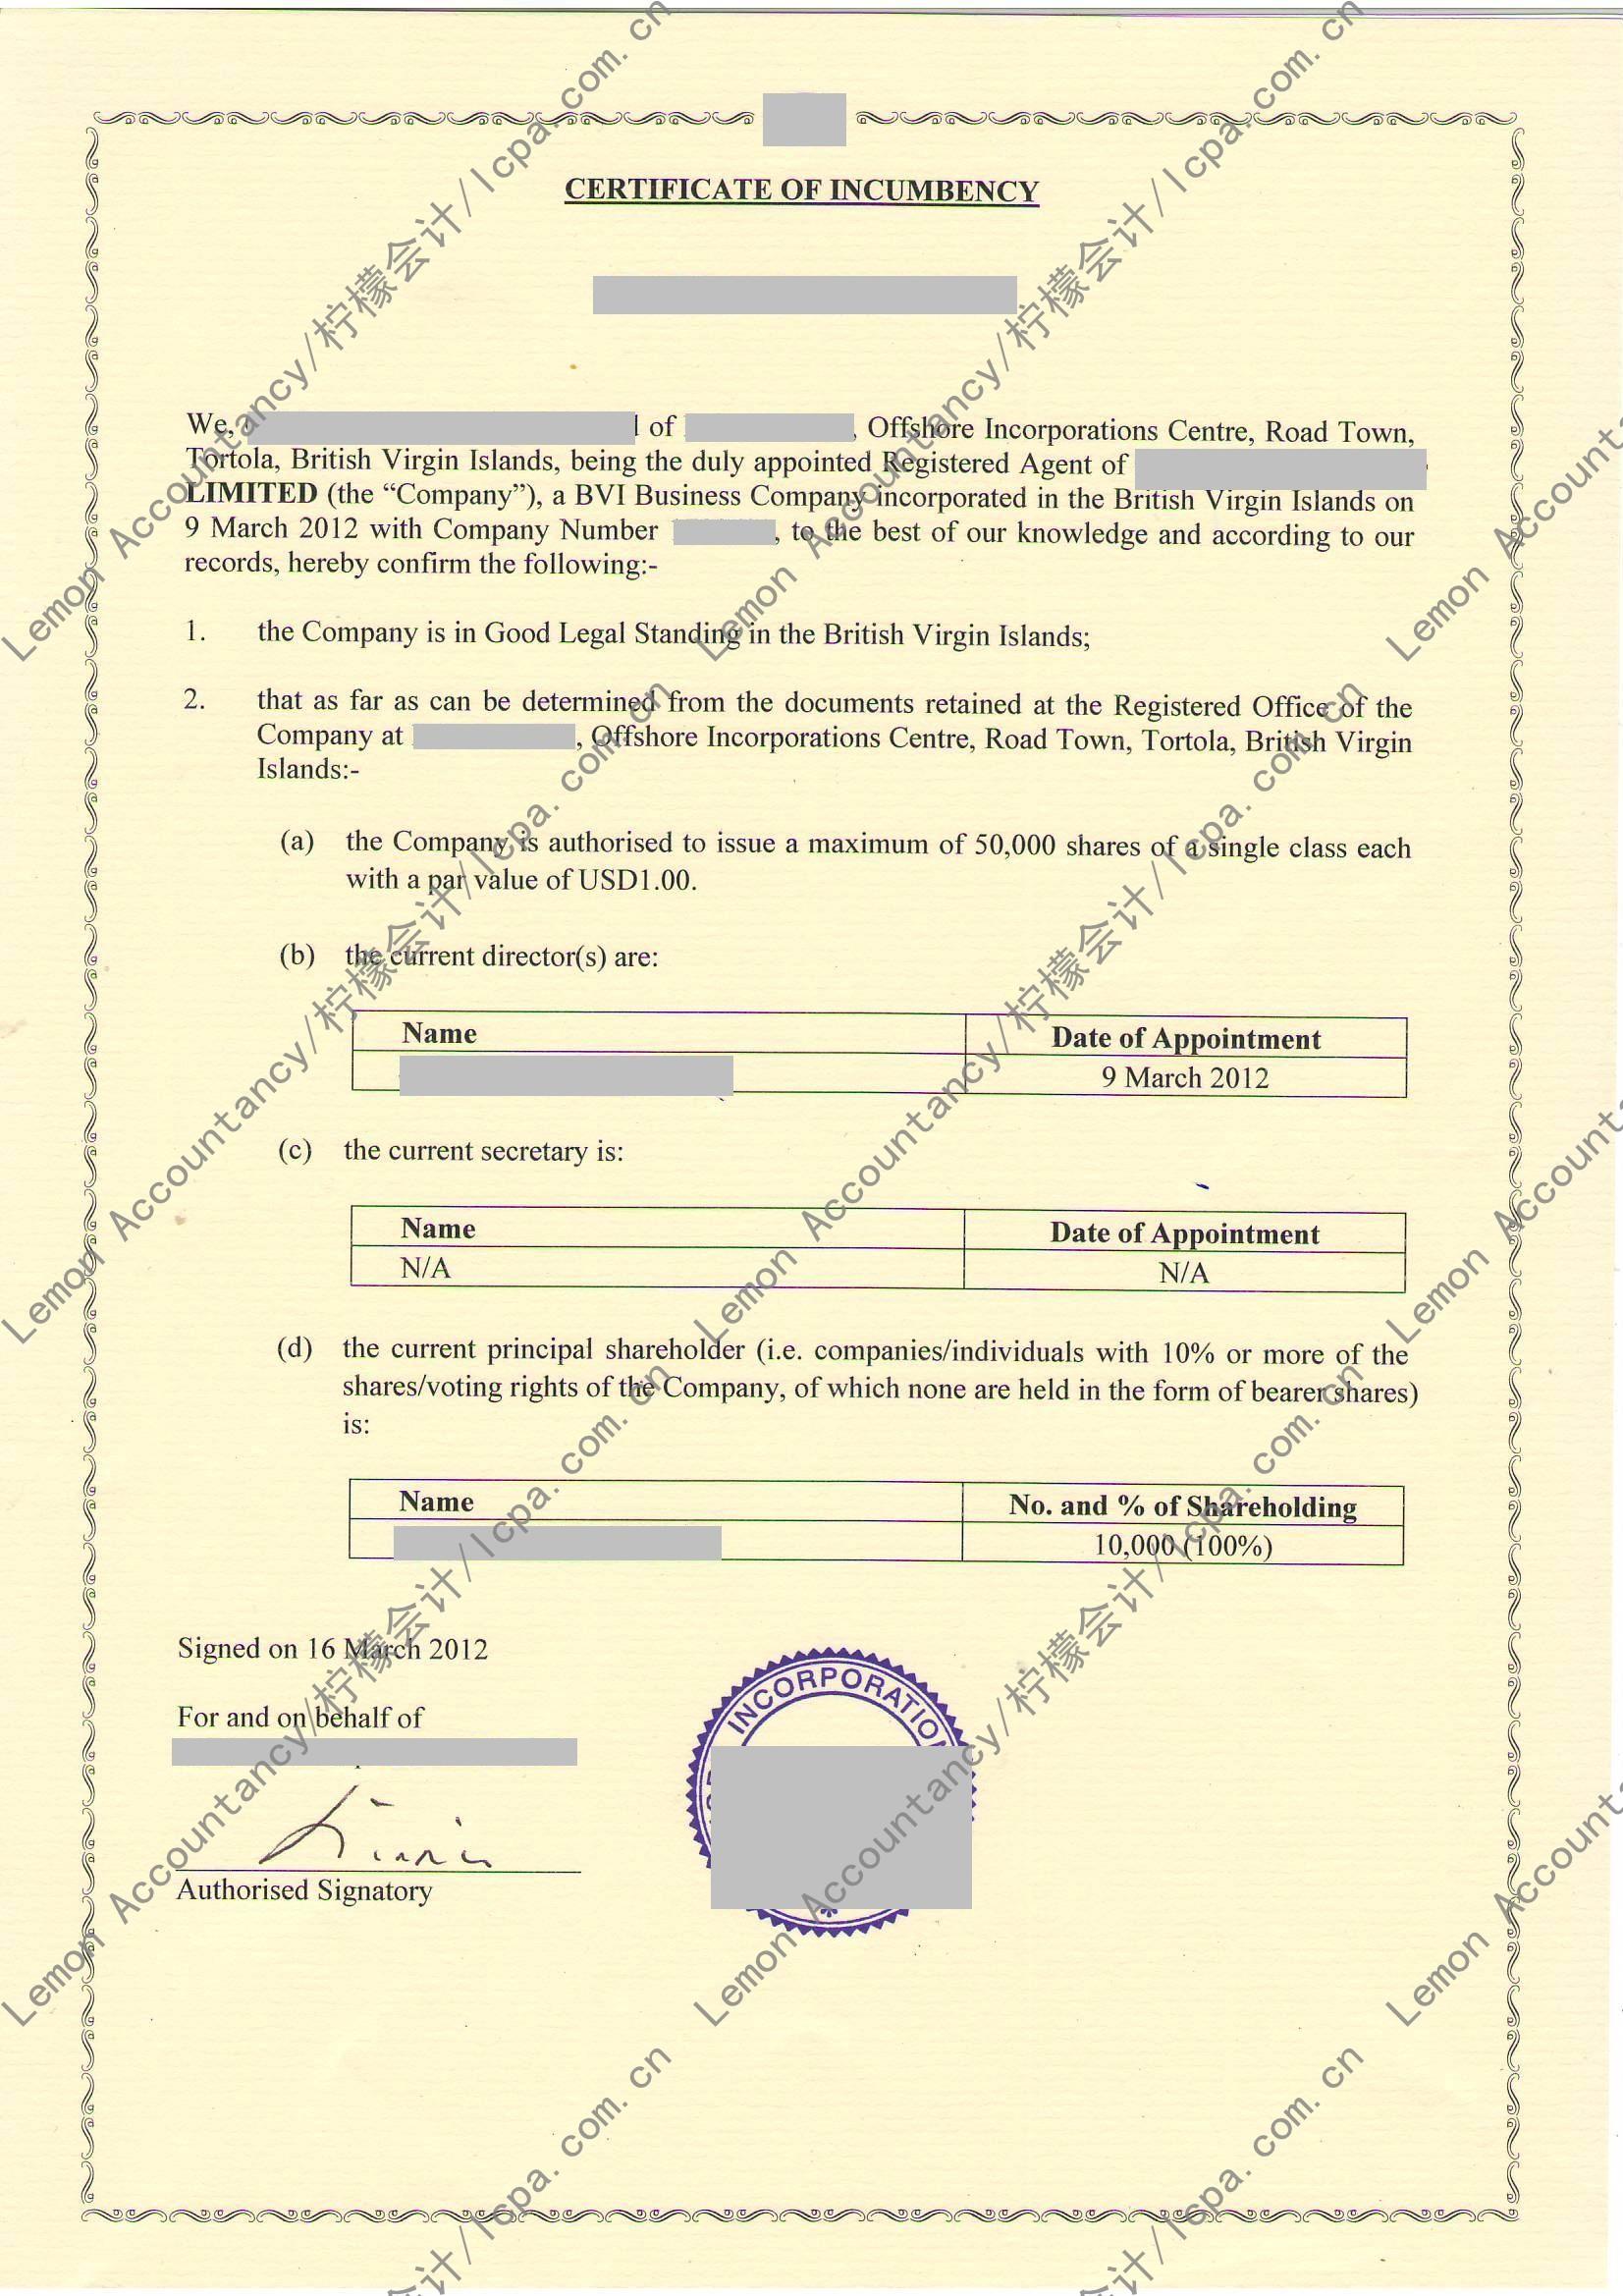 注册bvi公司所得材料及样本【图】 注册bvi公司 【柠檬会计】